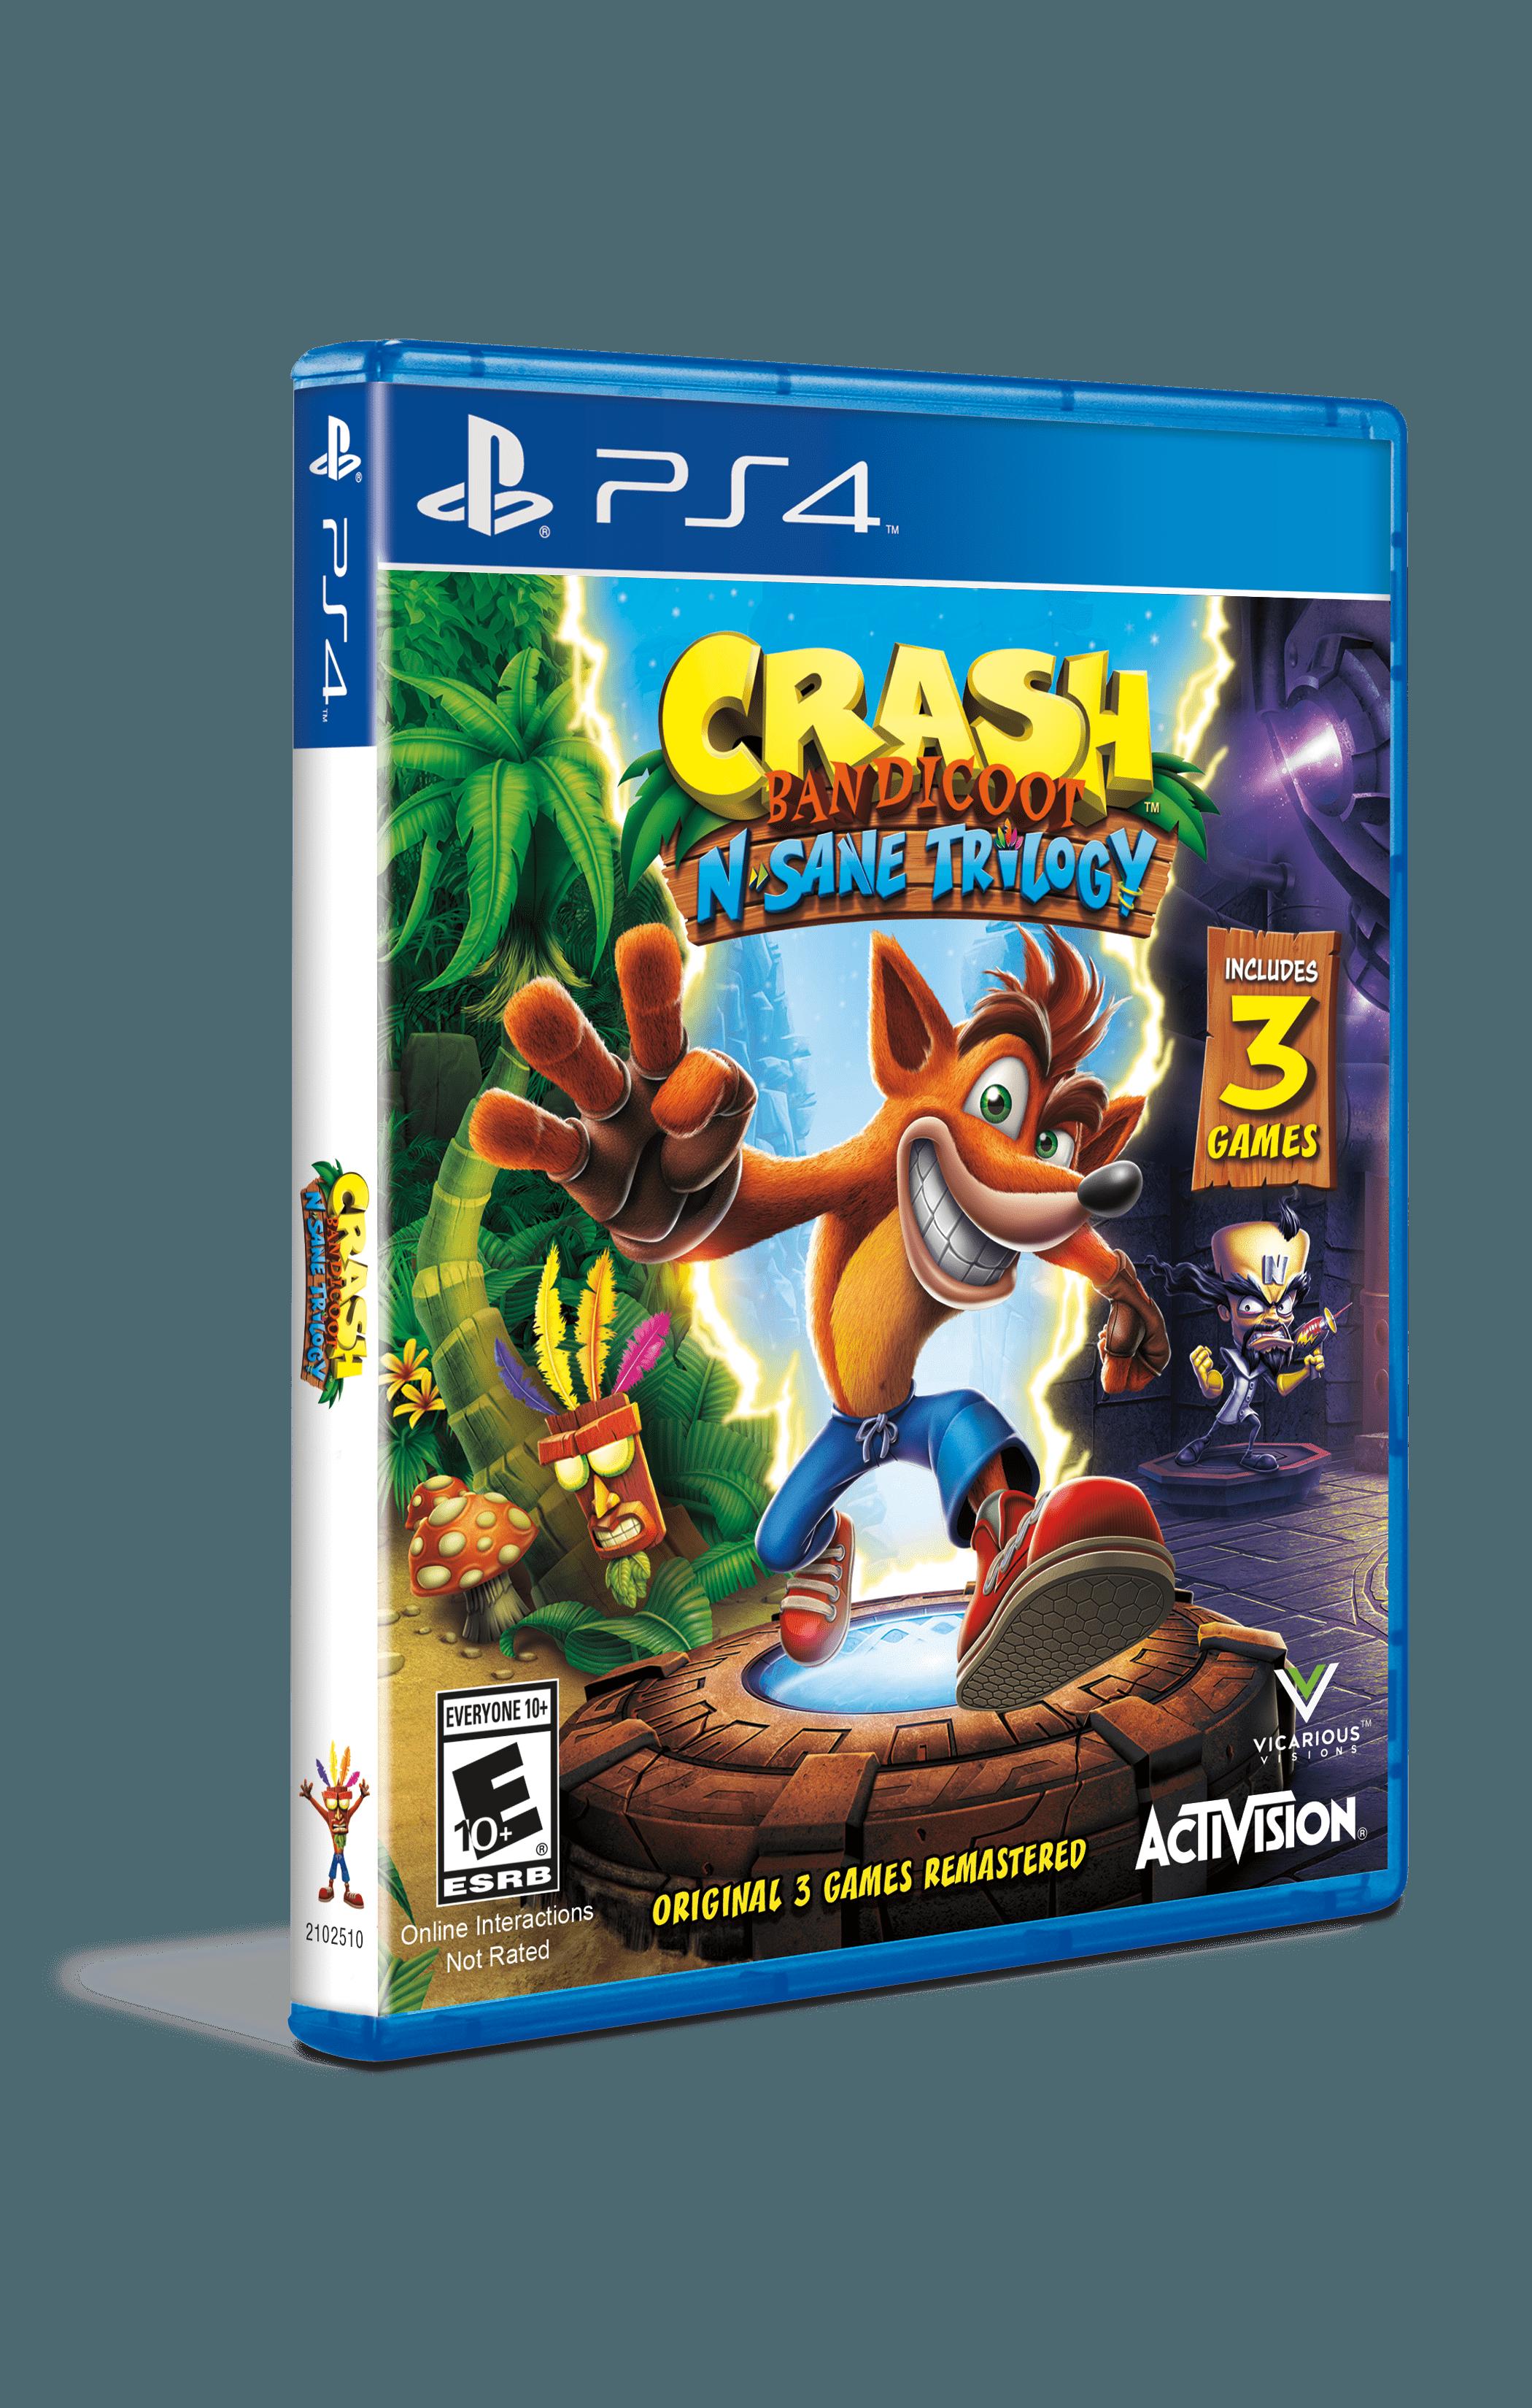 Crash Bandicoot: N Sane Trilogy | Original PS1 Covers